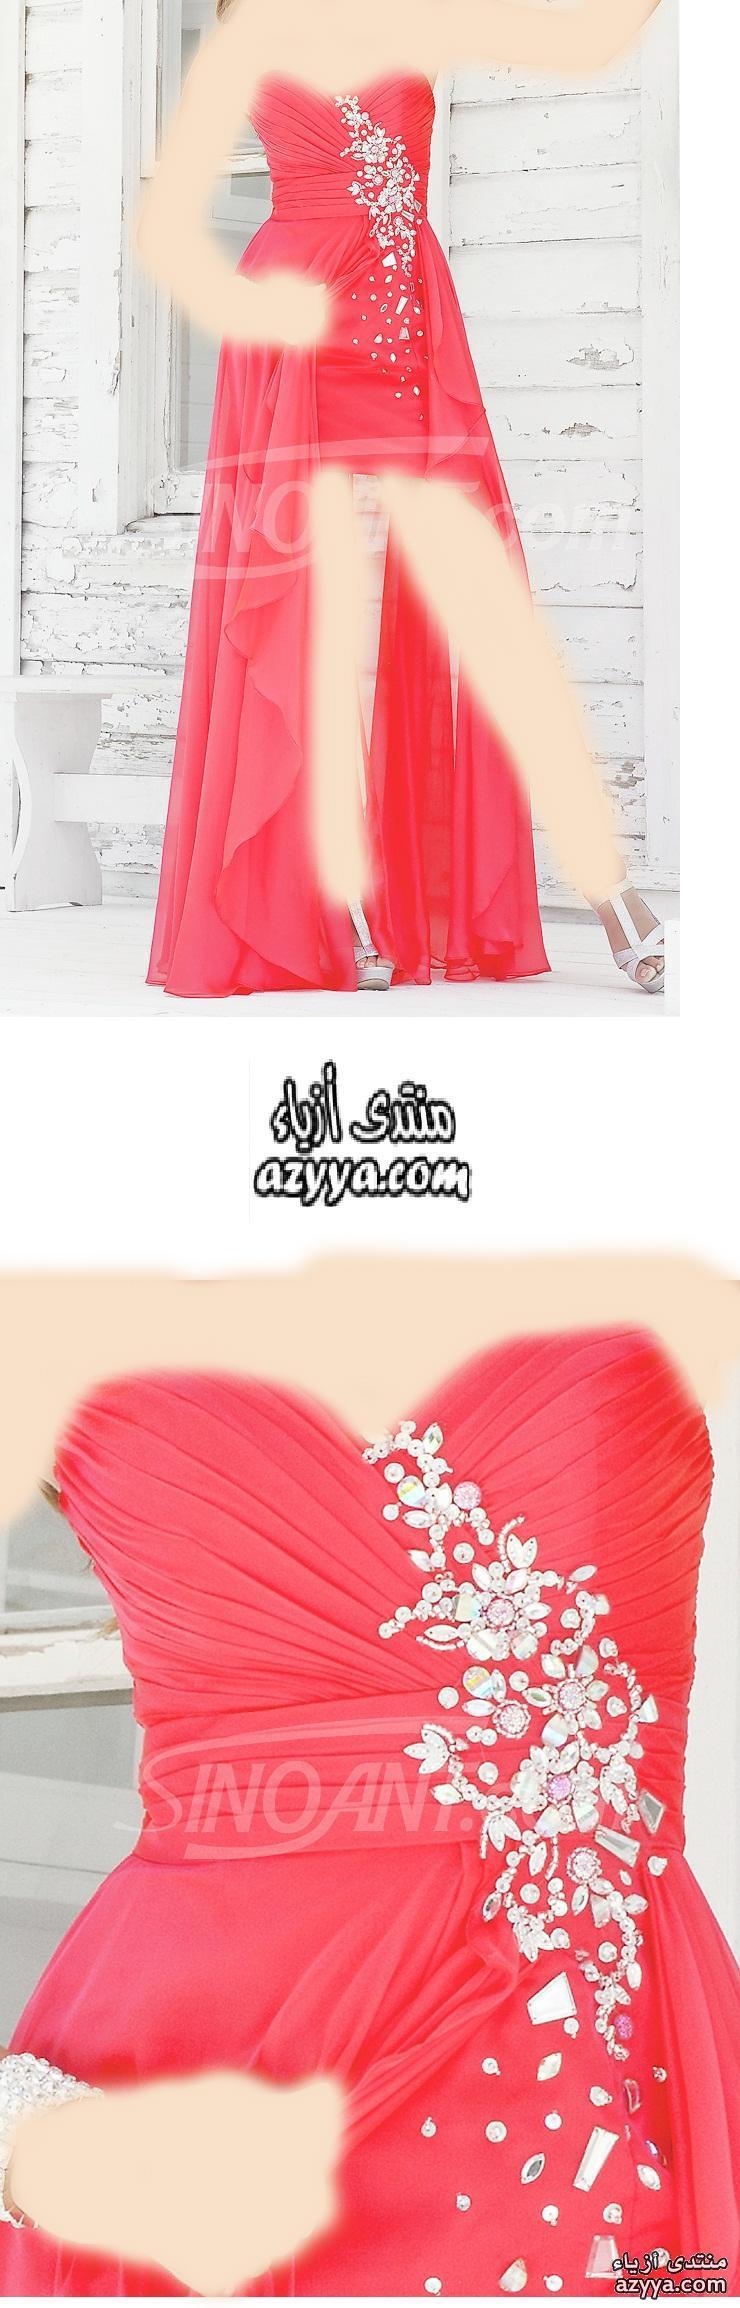 قصيرة من H&Mفساتين الزفاف 2012_2013 للمصممه عائشة المهيريفساتين سهرة باللون